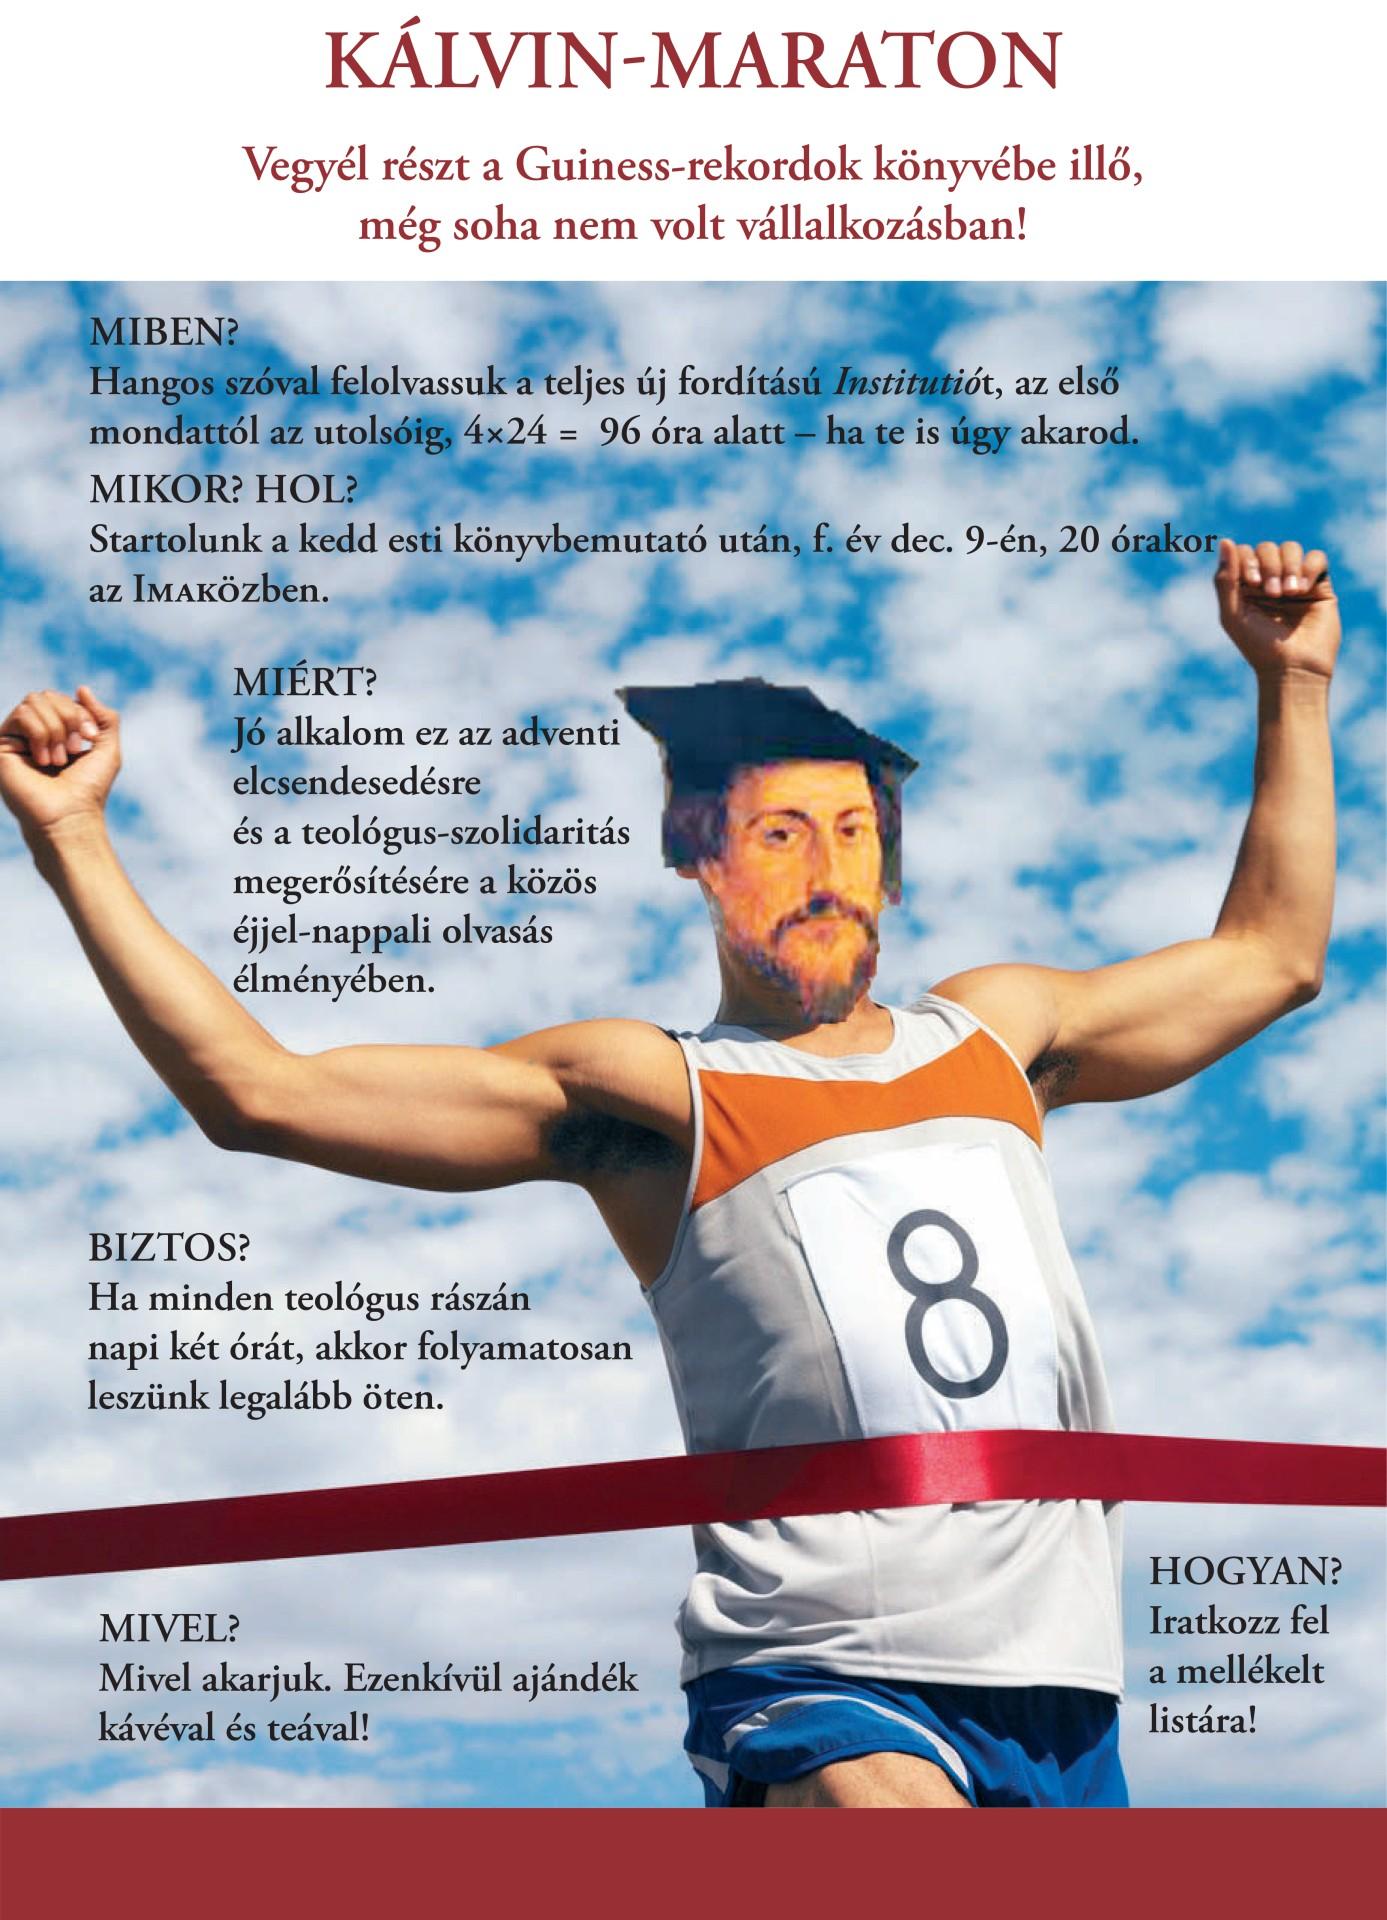 Kálvin-maraton Kolozsváron